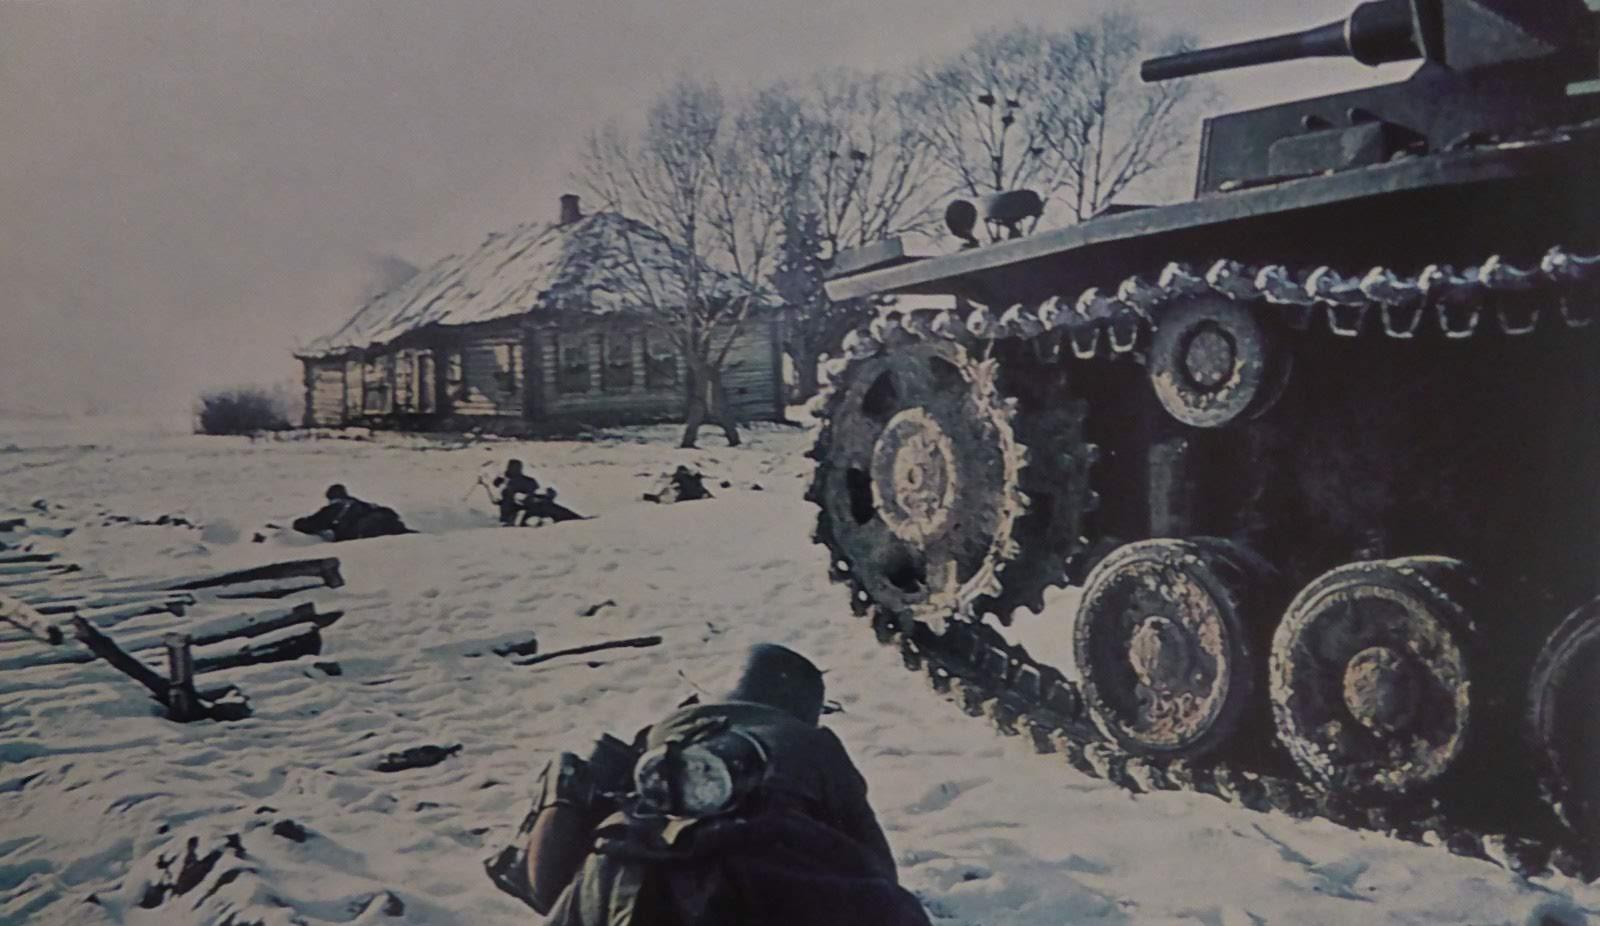 1941. Пехотинцы и танк Pz.Kpfw. III 11-й танковой дивизии вермахта (11. Panzer-Division) на позиции под Волоколамском